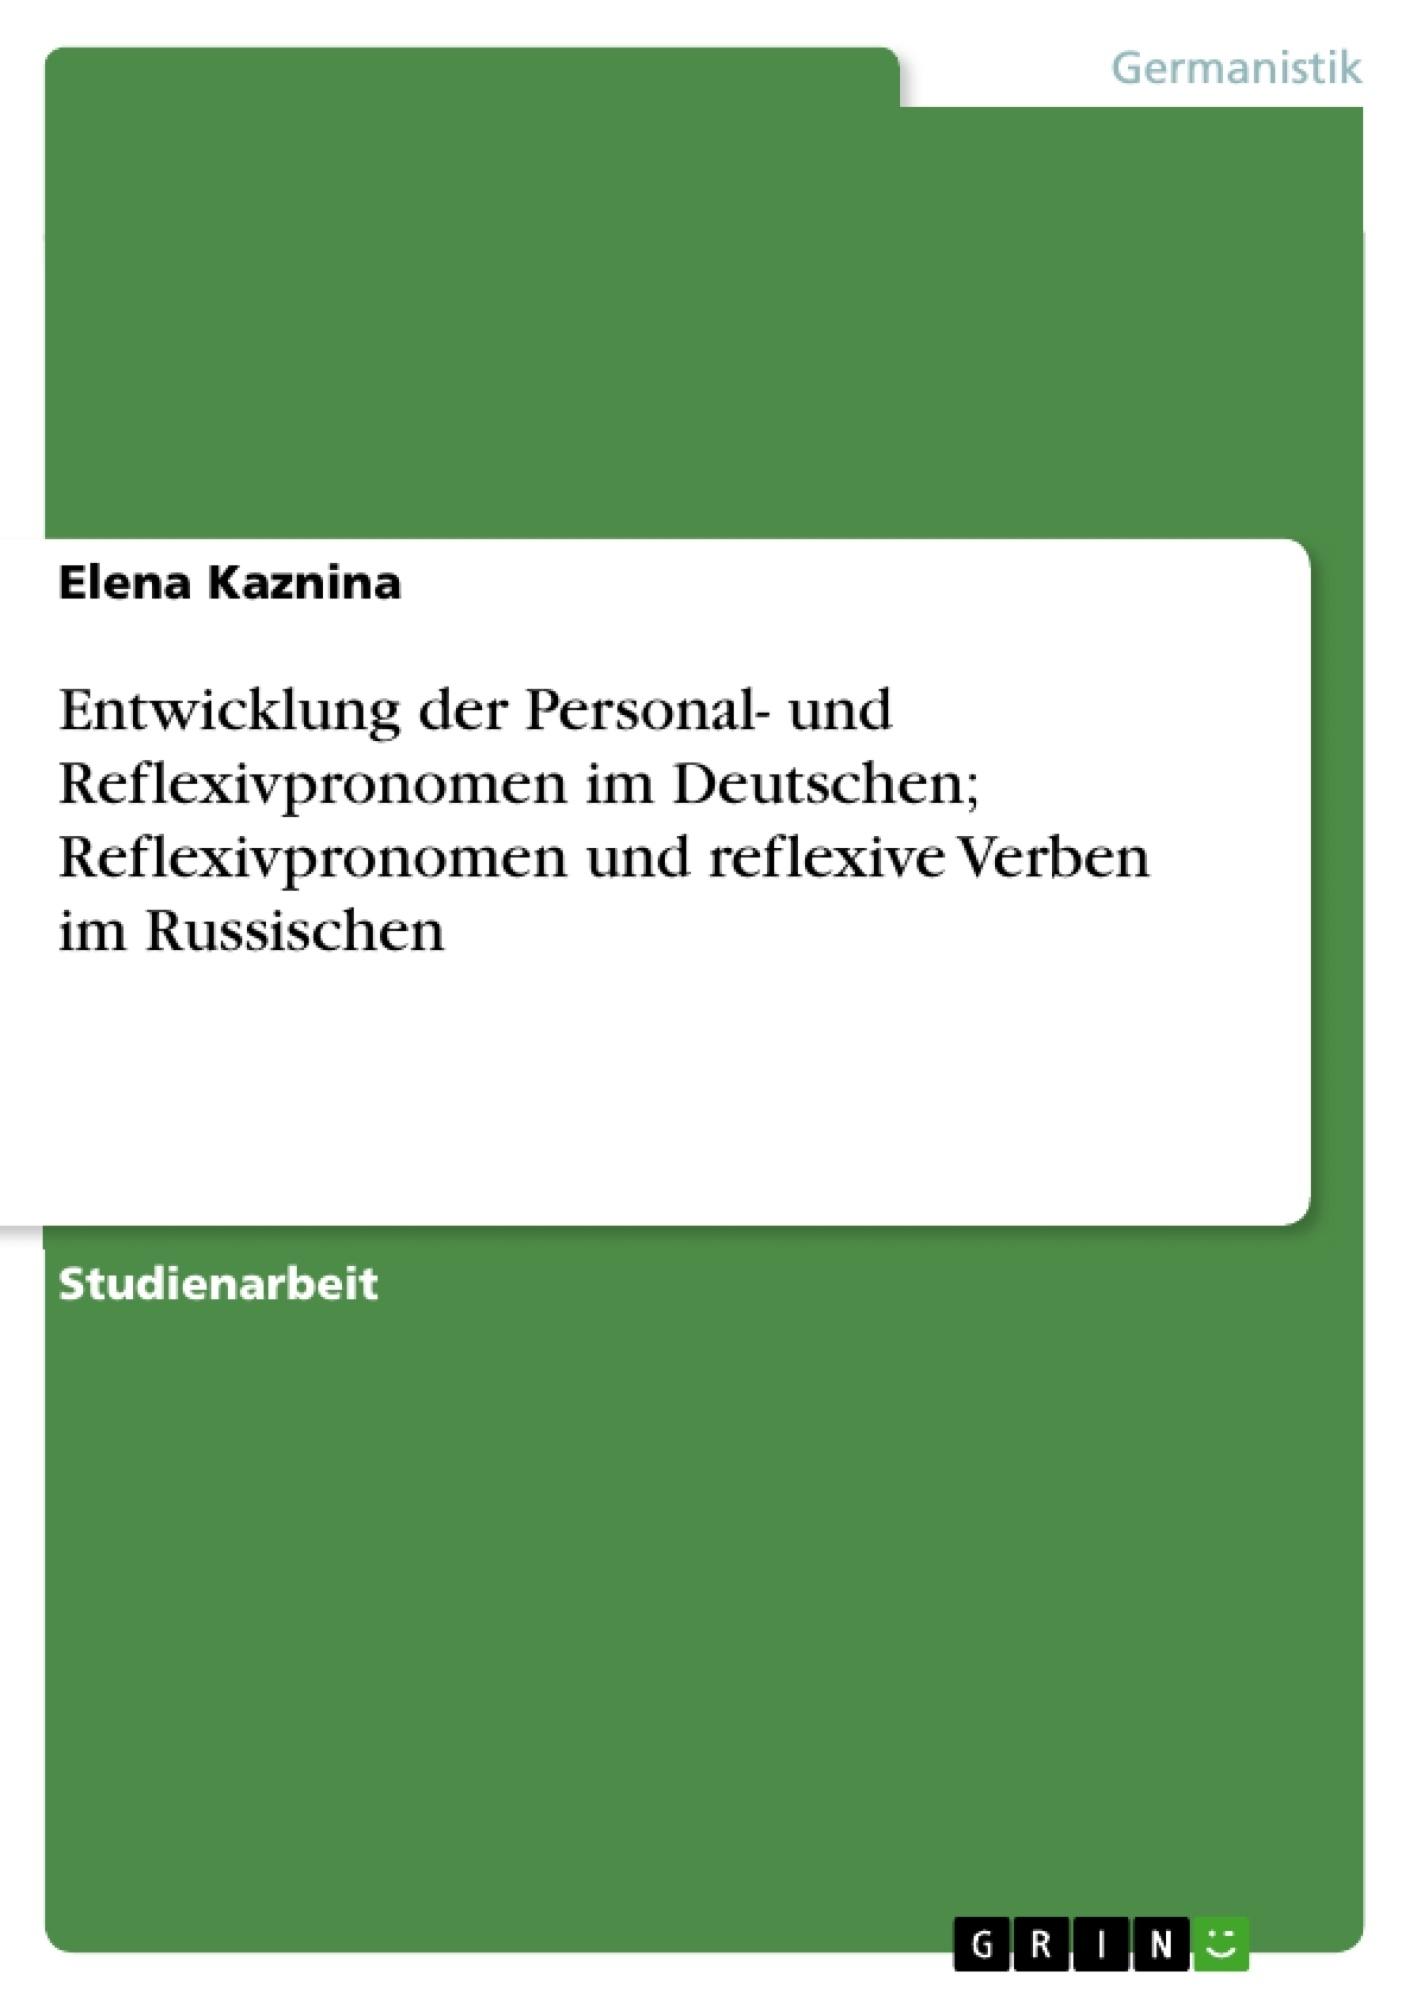 Titel: Entwicklung der Personal- und Reflexivpronomen im Deutschen; Reflexivpronomen und reflexive Verben im Russischen